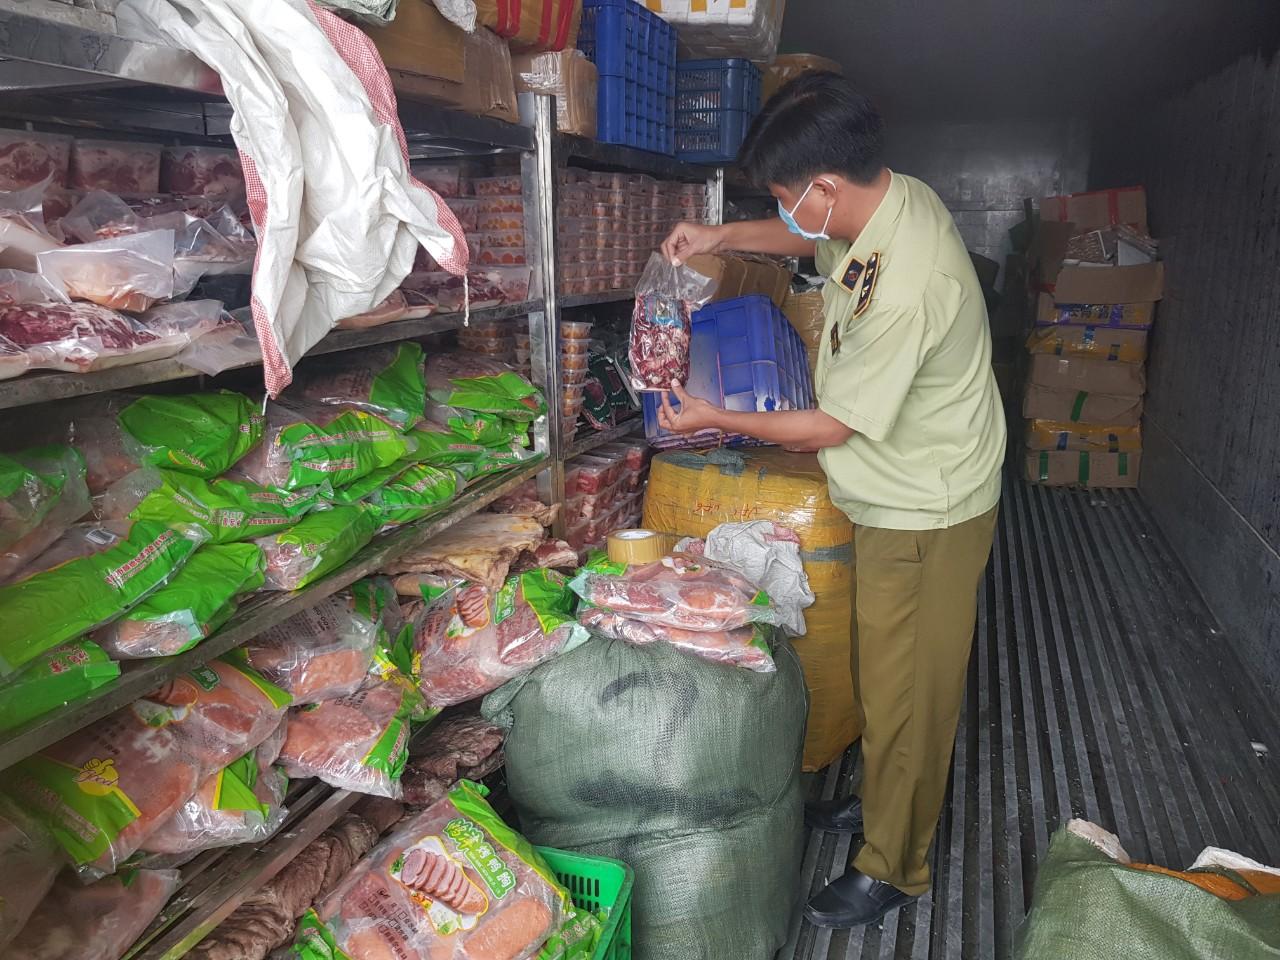 Lực lượng chức năng kiểm tra và thu giữ các mặt hàng thực phẩm đông lạnh vi phạm.